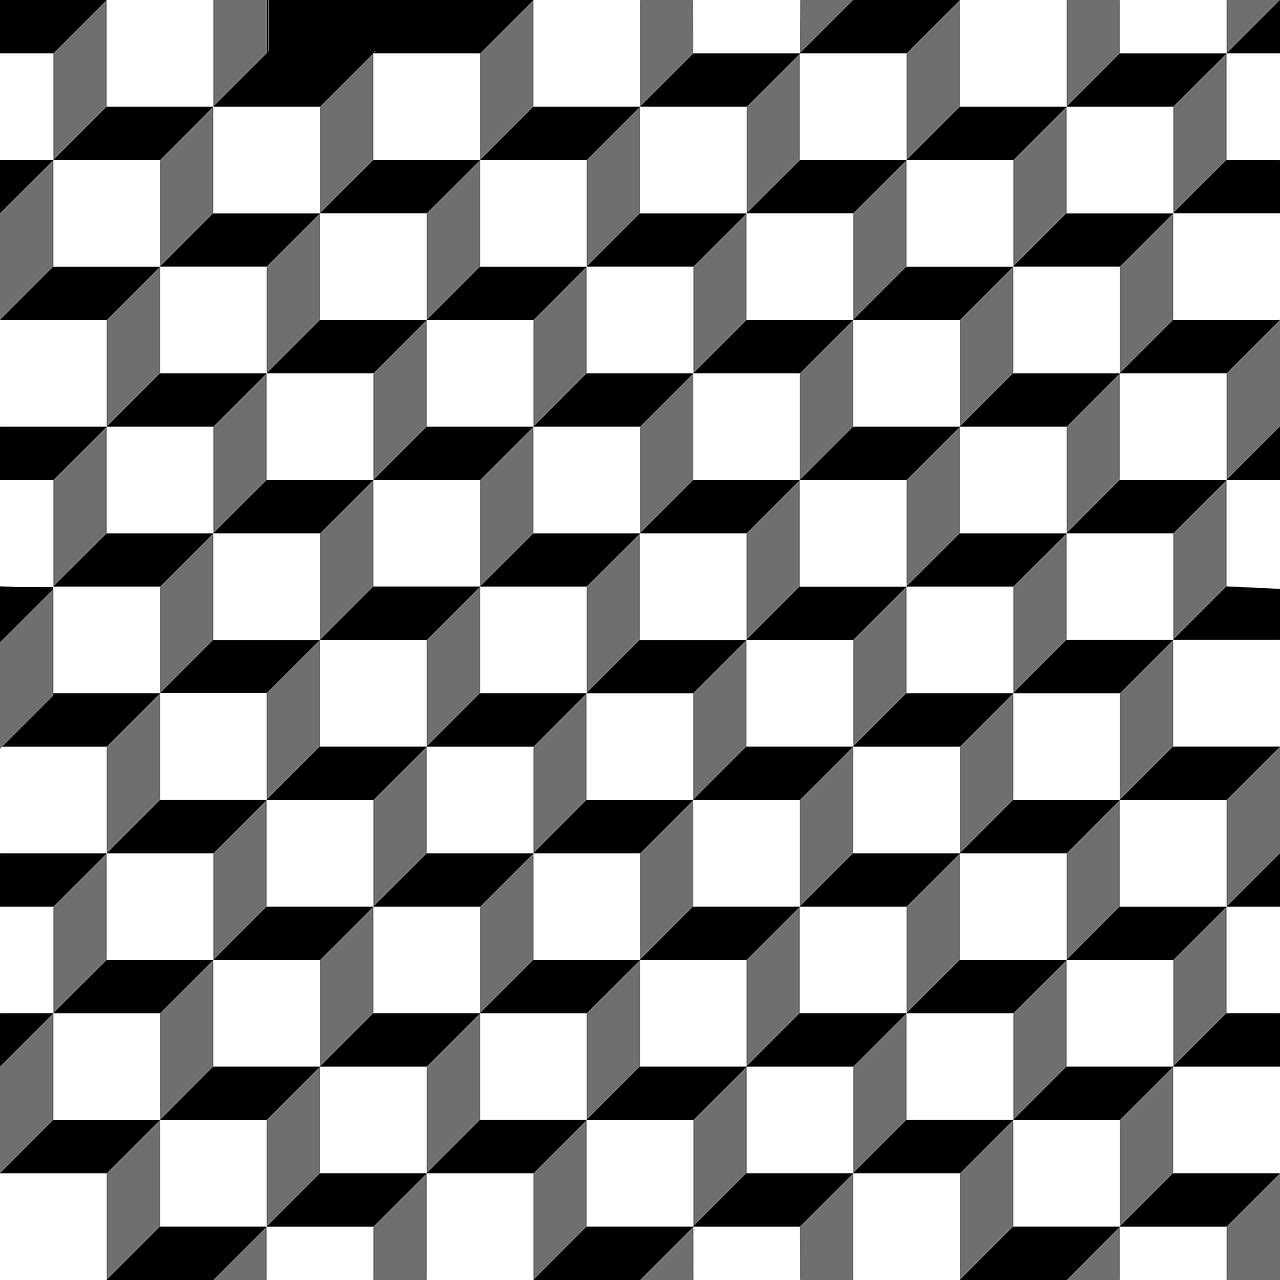 Optische Tauschung Und Illusionen Beispielbilder